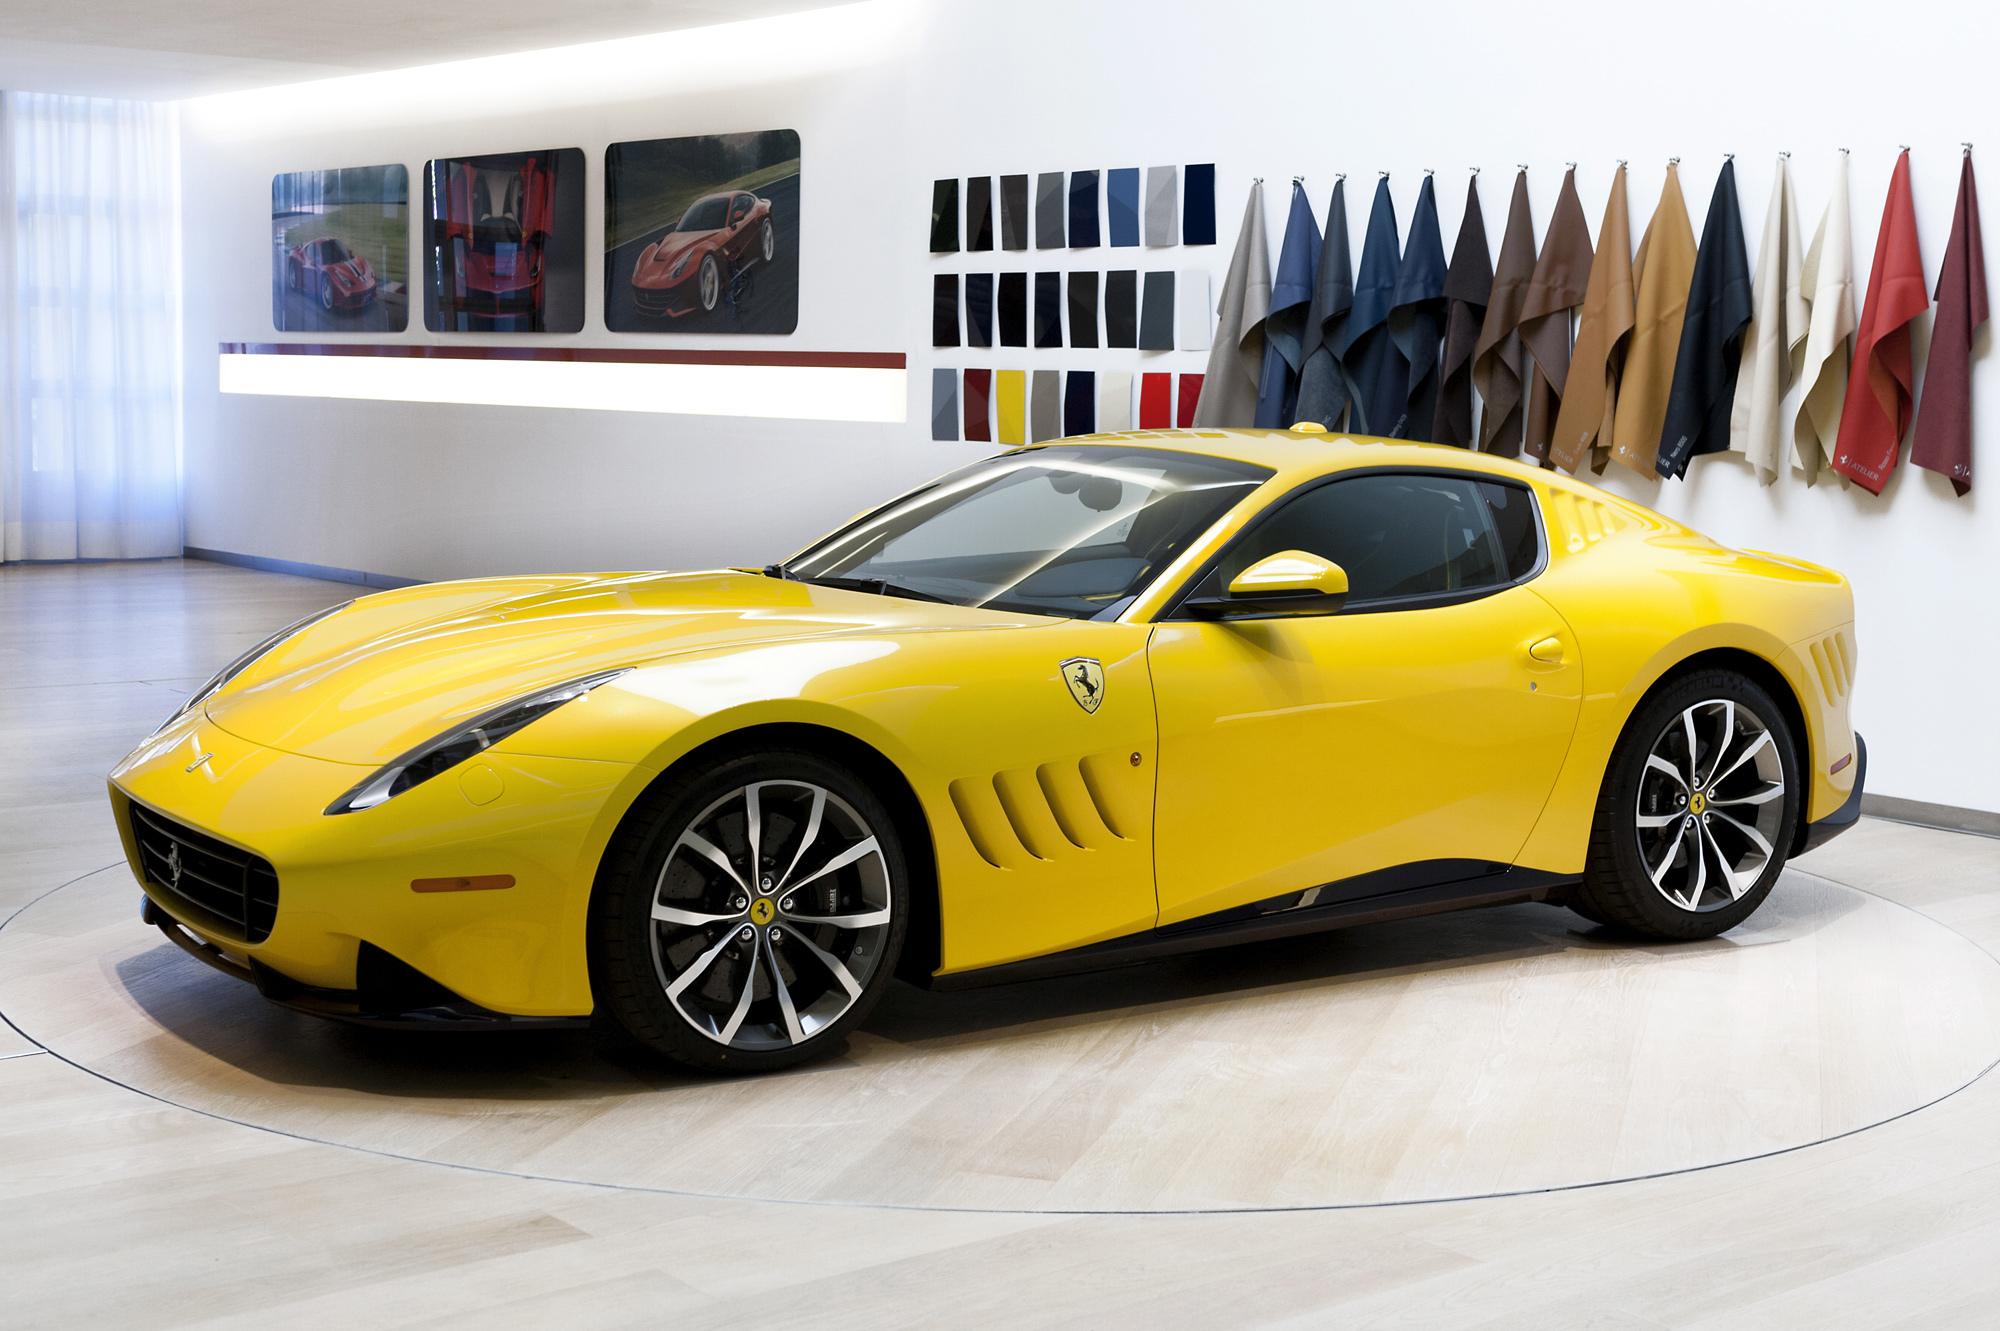 Ferrari Sp 275 Rw Competizione Wallpaper